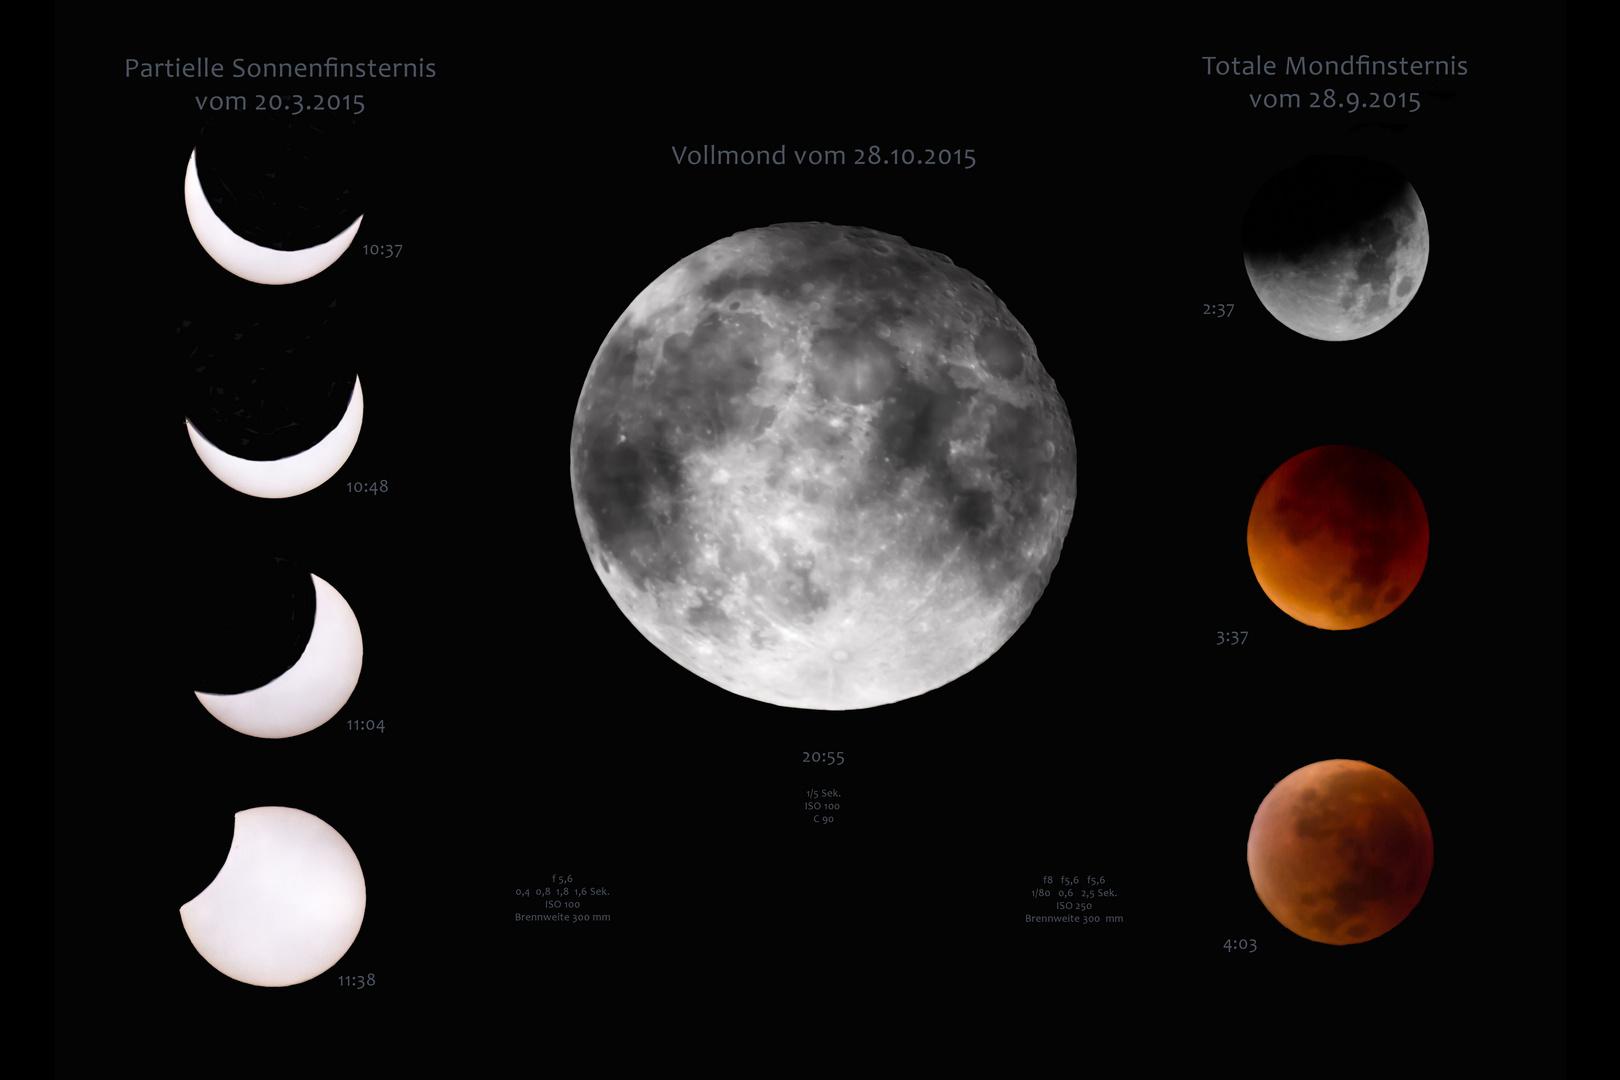 Rückblick auf das astronomisch spannende Jahr 2015